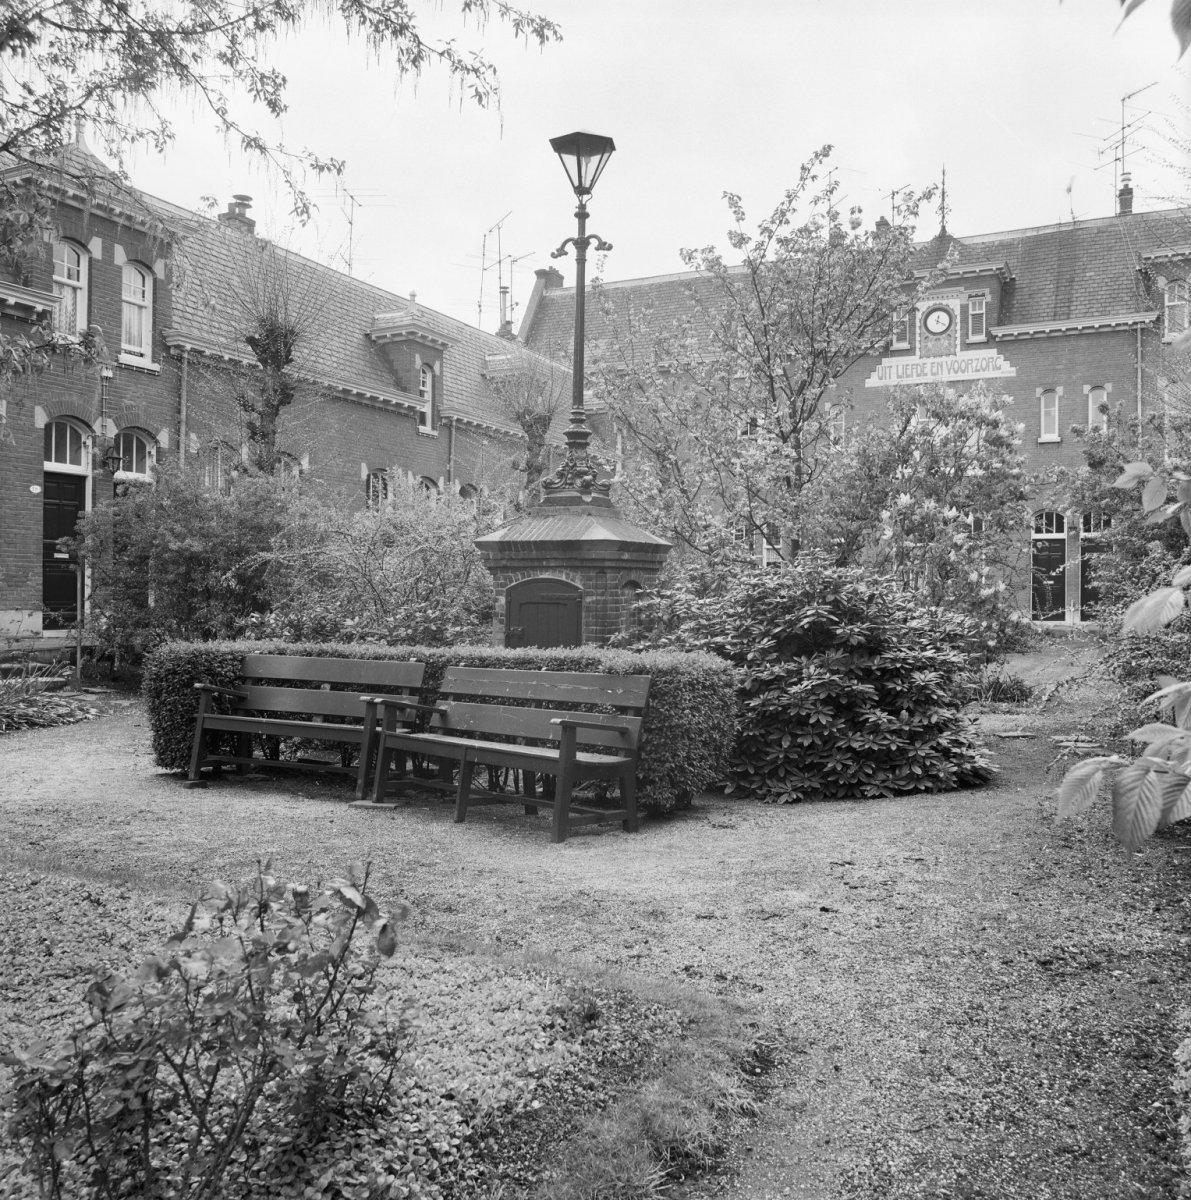 Hofje uit liefde en voorzorg in rotterdam monument for De lantaarn rotterdam